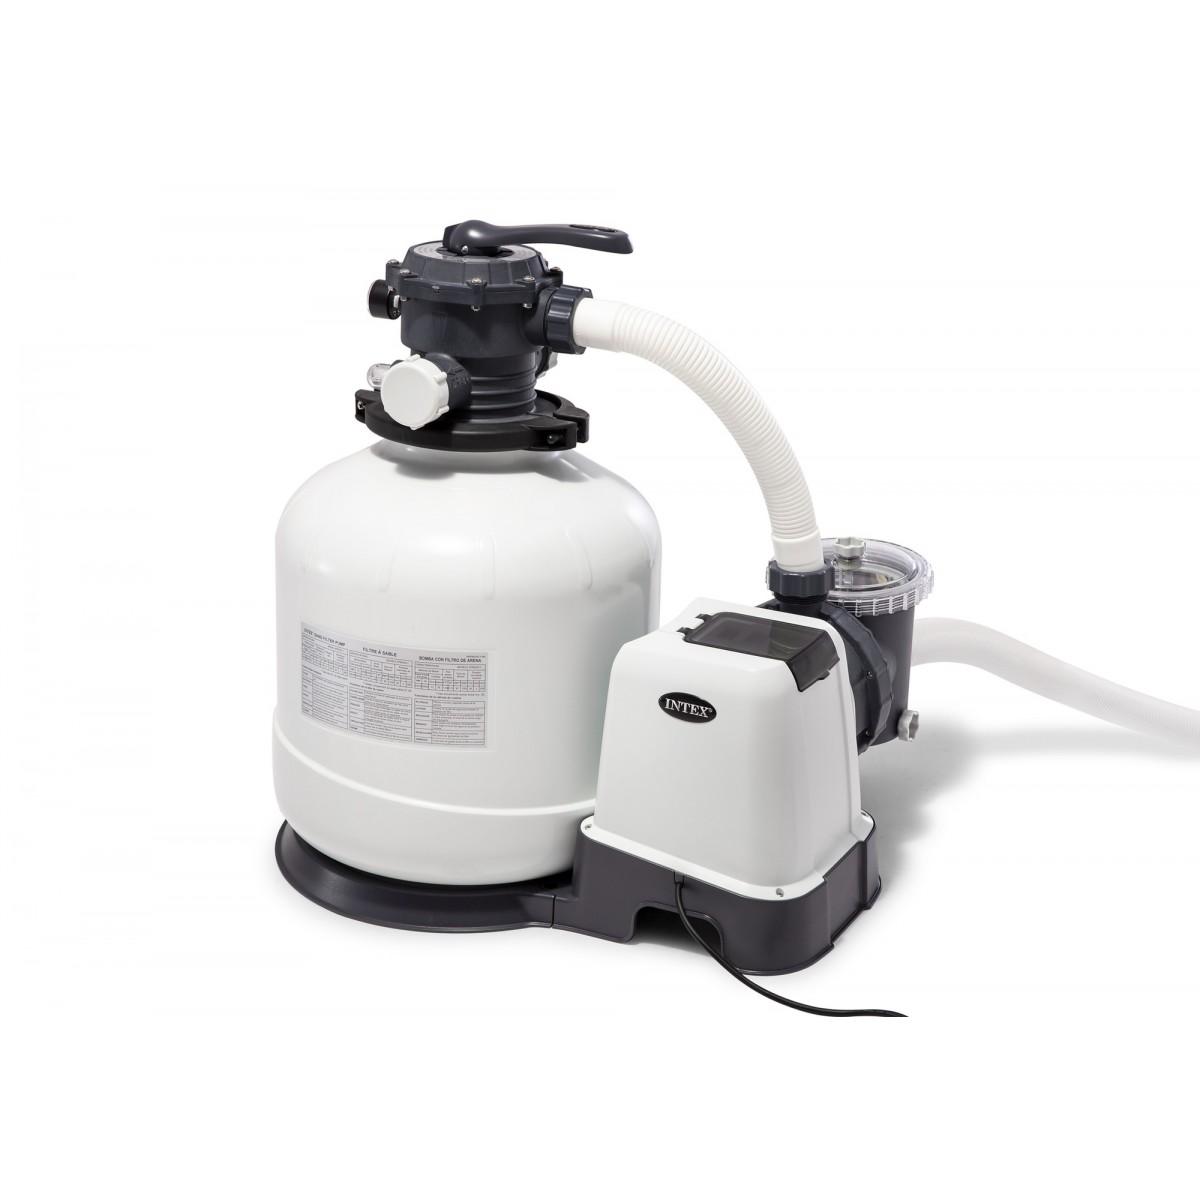 Filtre à sable Intex - Débit du système 10 m3/h - Puissance 0.75 cv